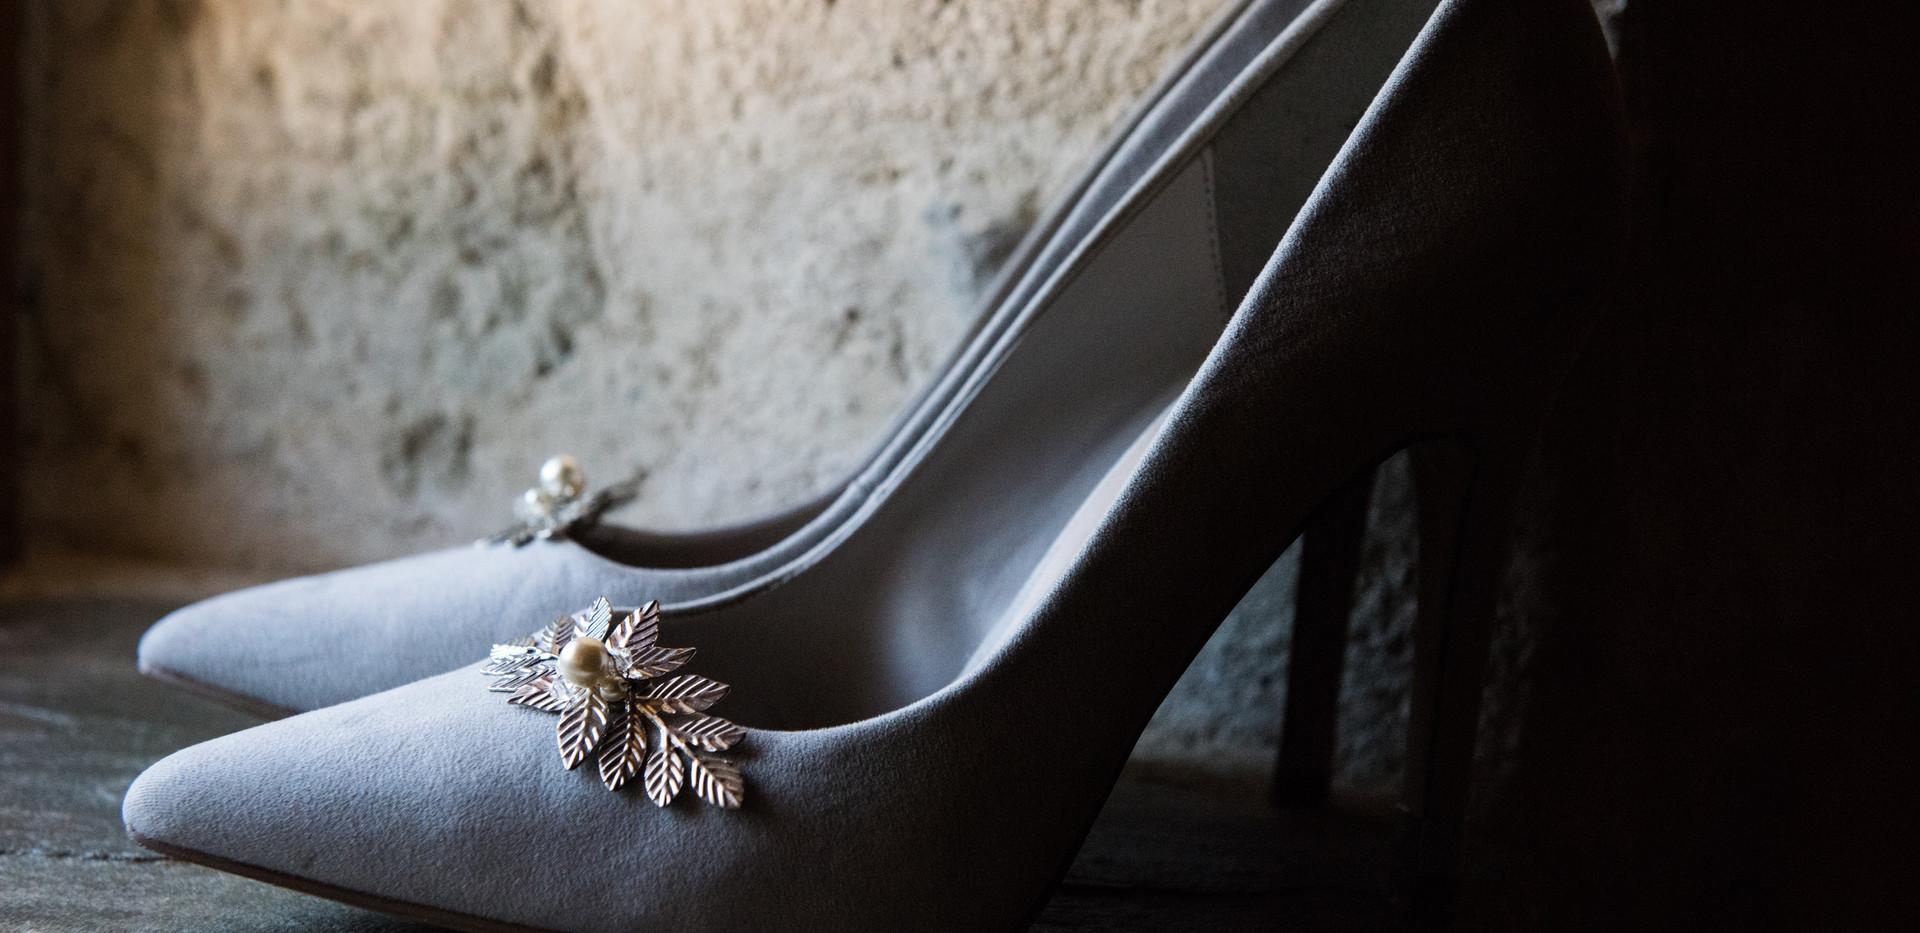 cecile cayon-scene de mariage-201.jpg